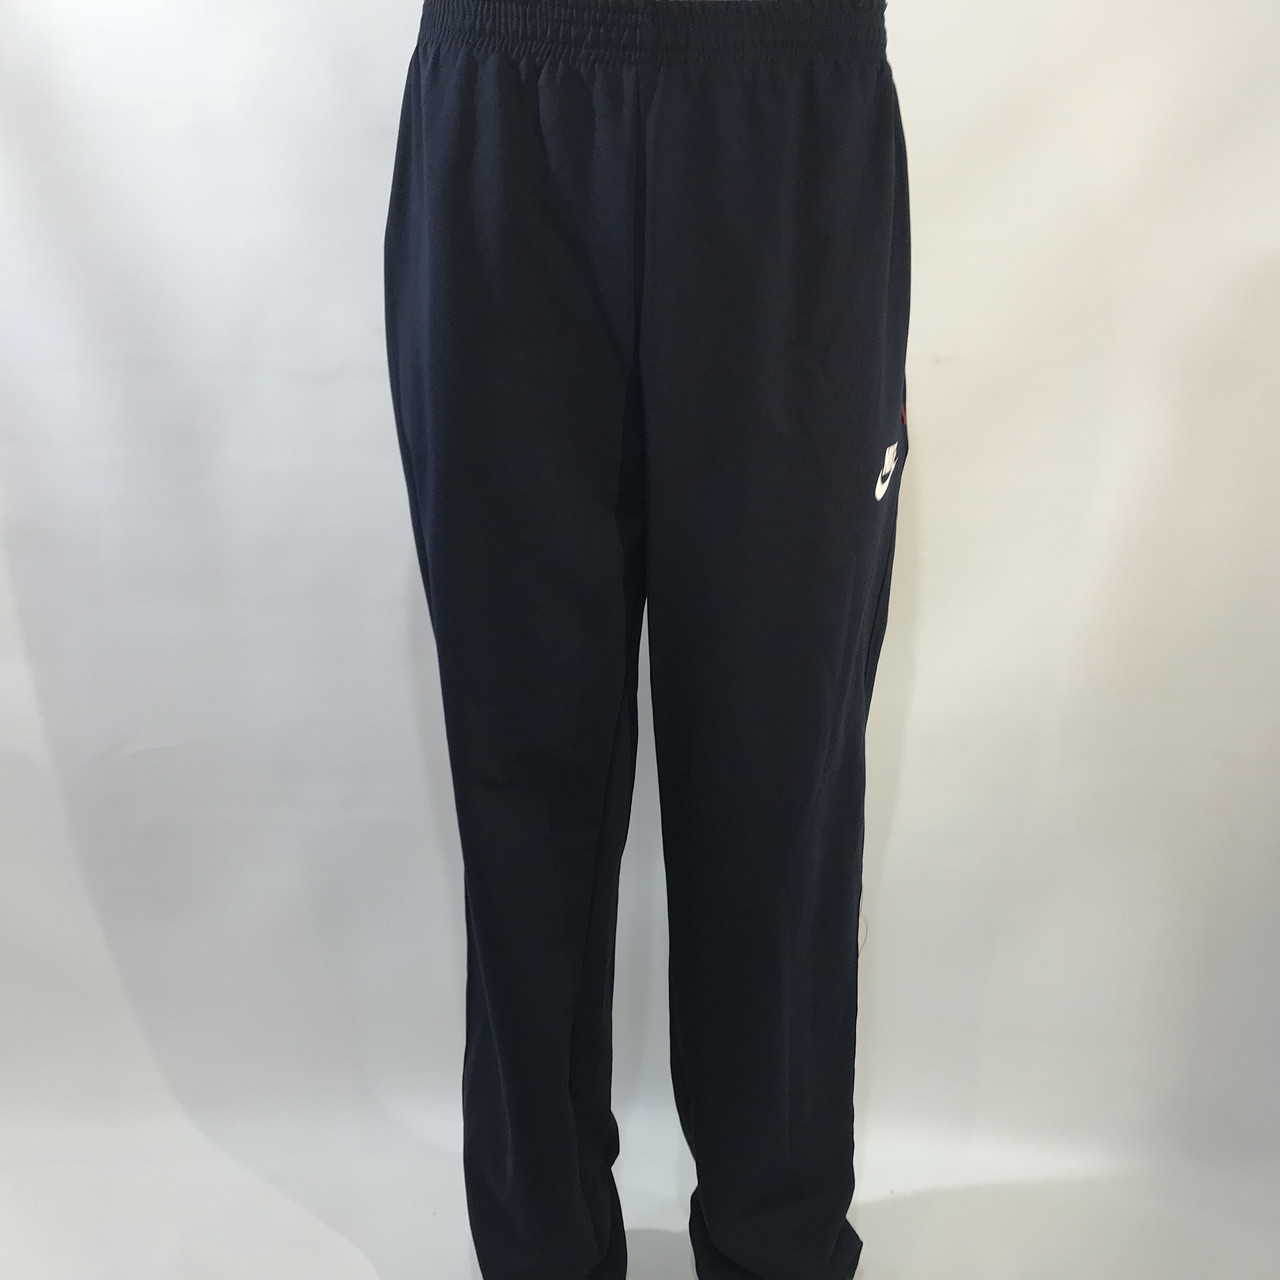 Спортивные штаны прямые в стиле Nike (большой размер) трикотажные 56,58 темно-синие